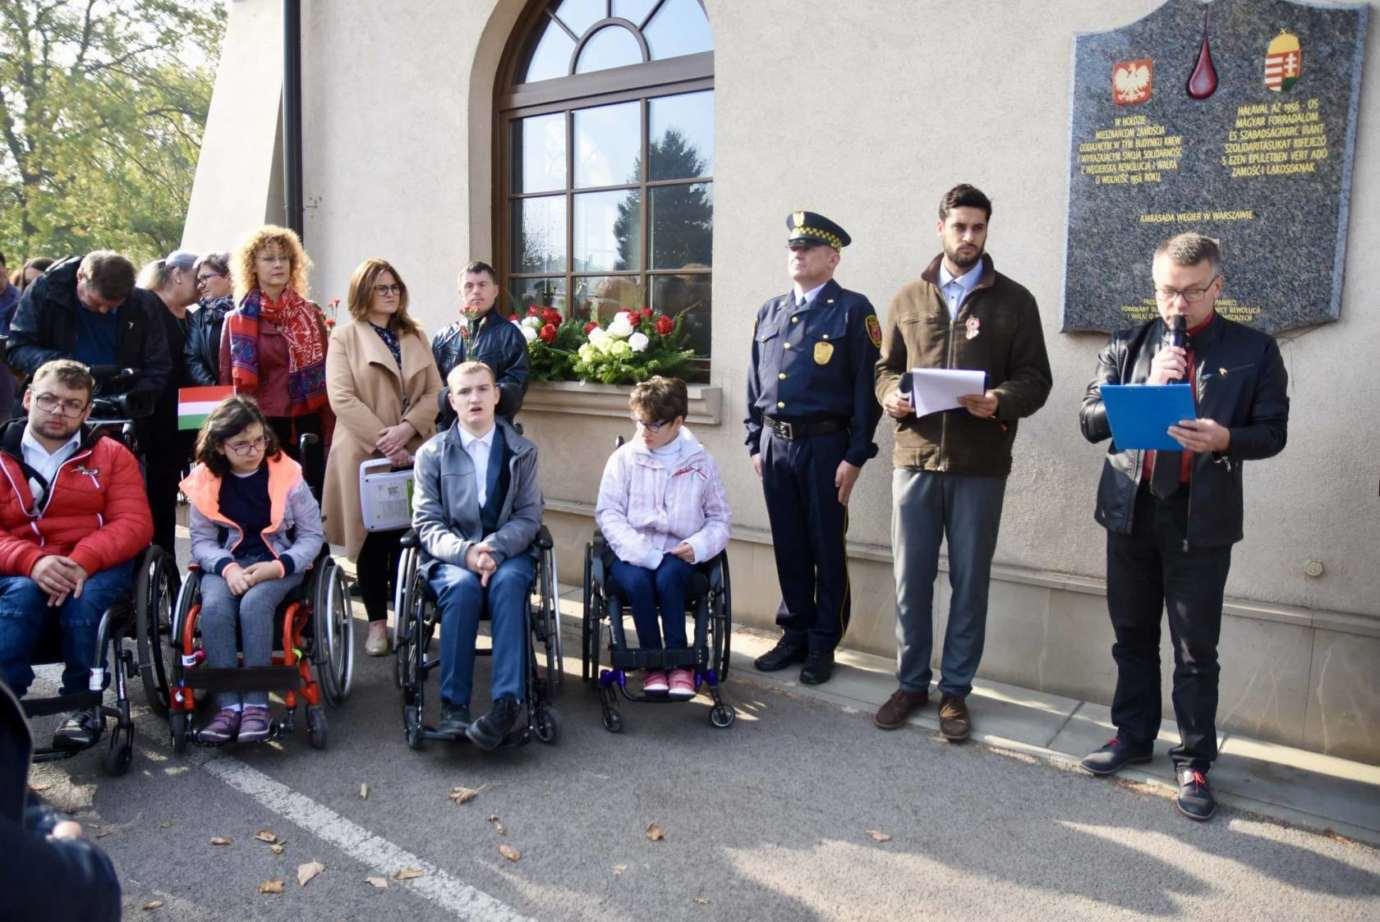 dsc 9474 Zamość: Obchody Narodowego Święta Węgier [ZDJĘCIA, FILM]